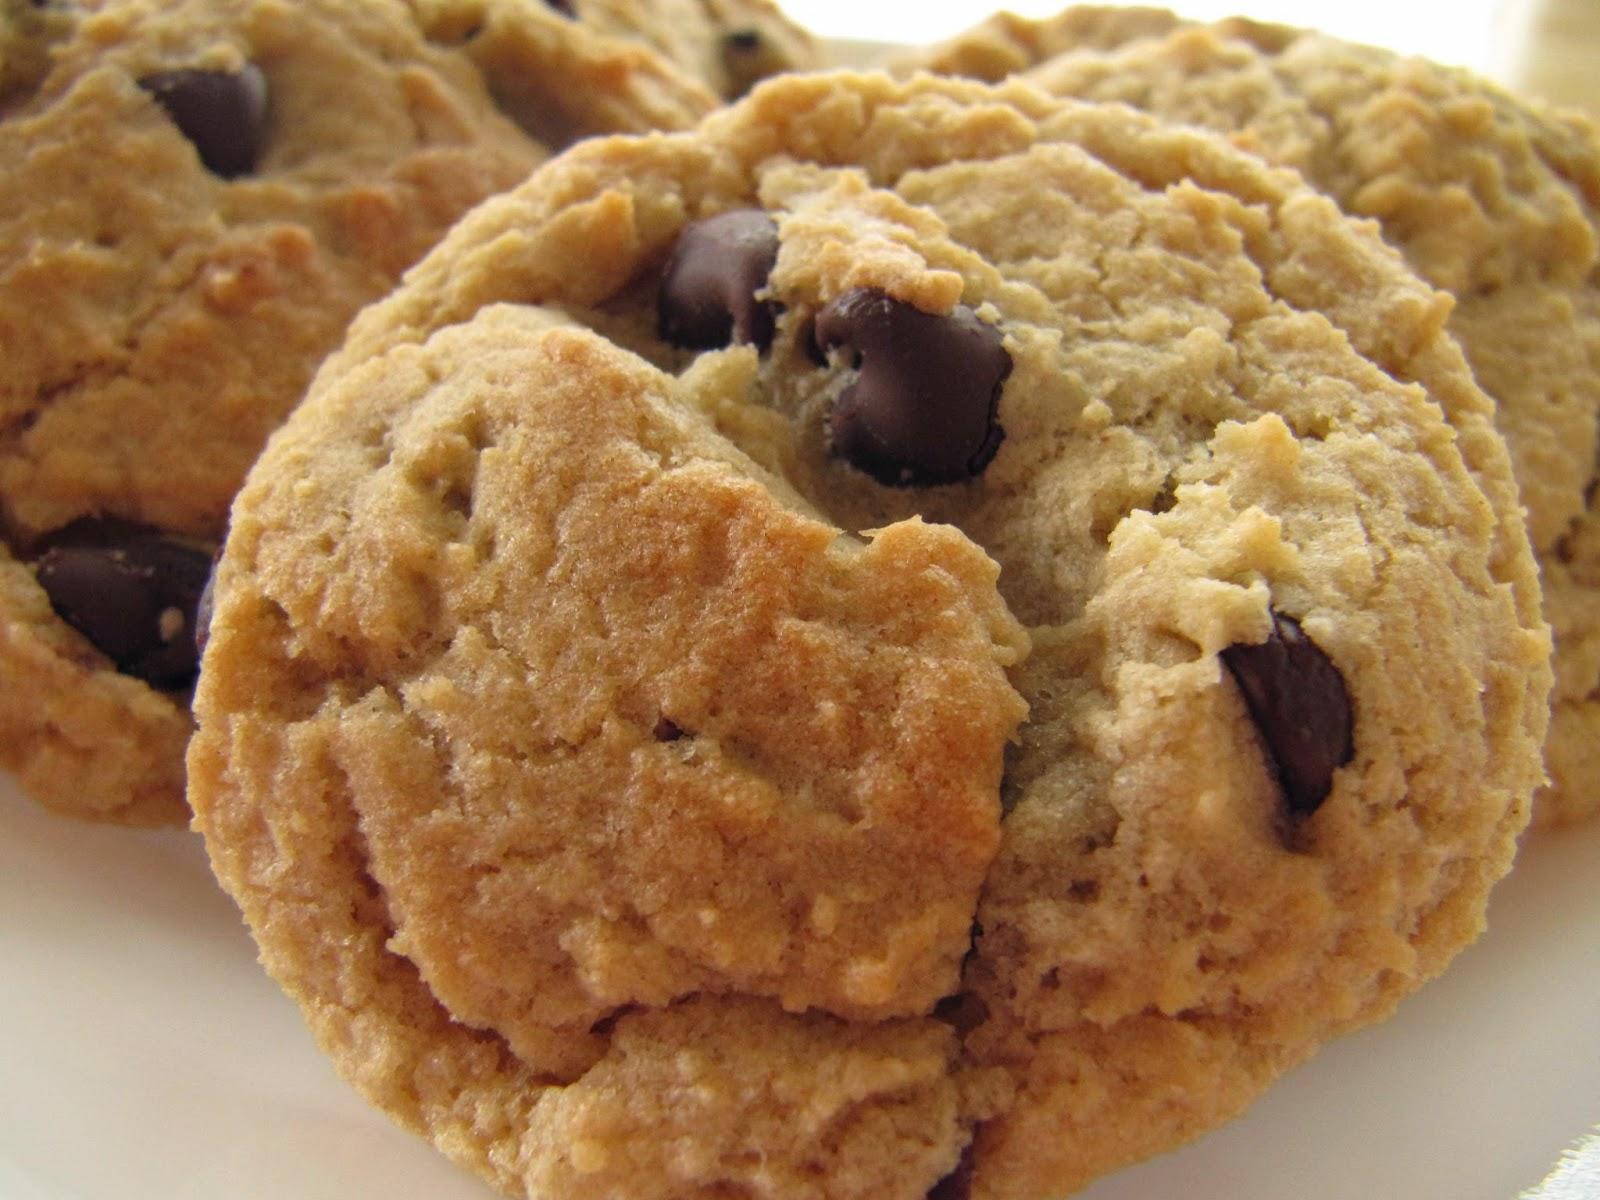 Cutler's Cookies